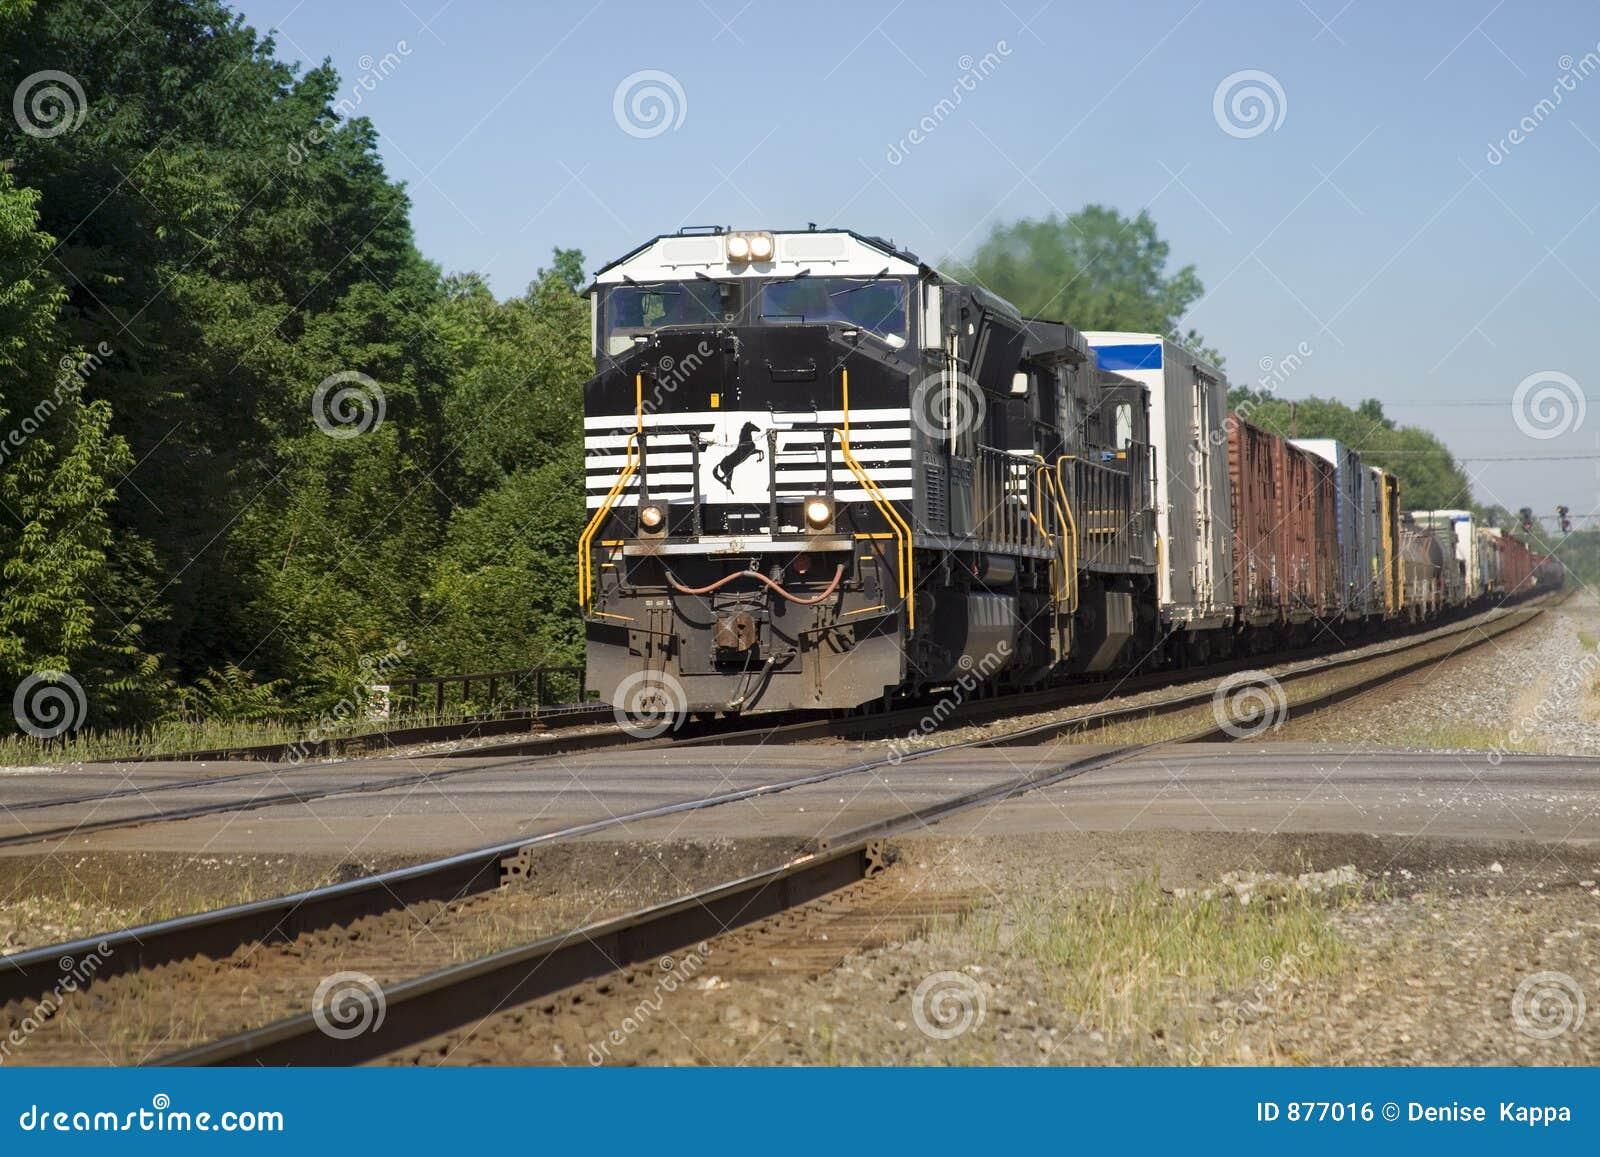 Nadchodzący pociąg towarowy